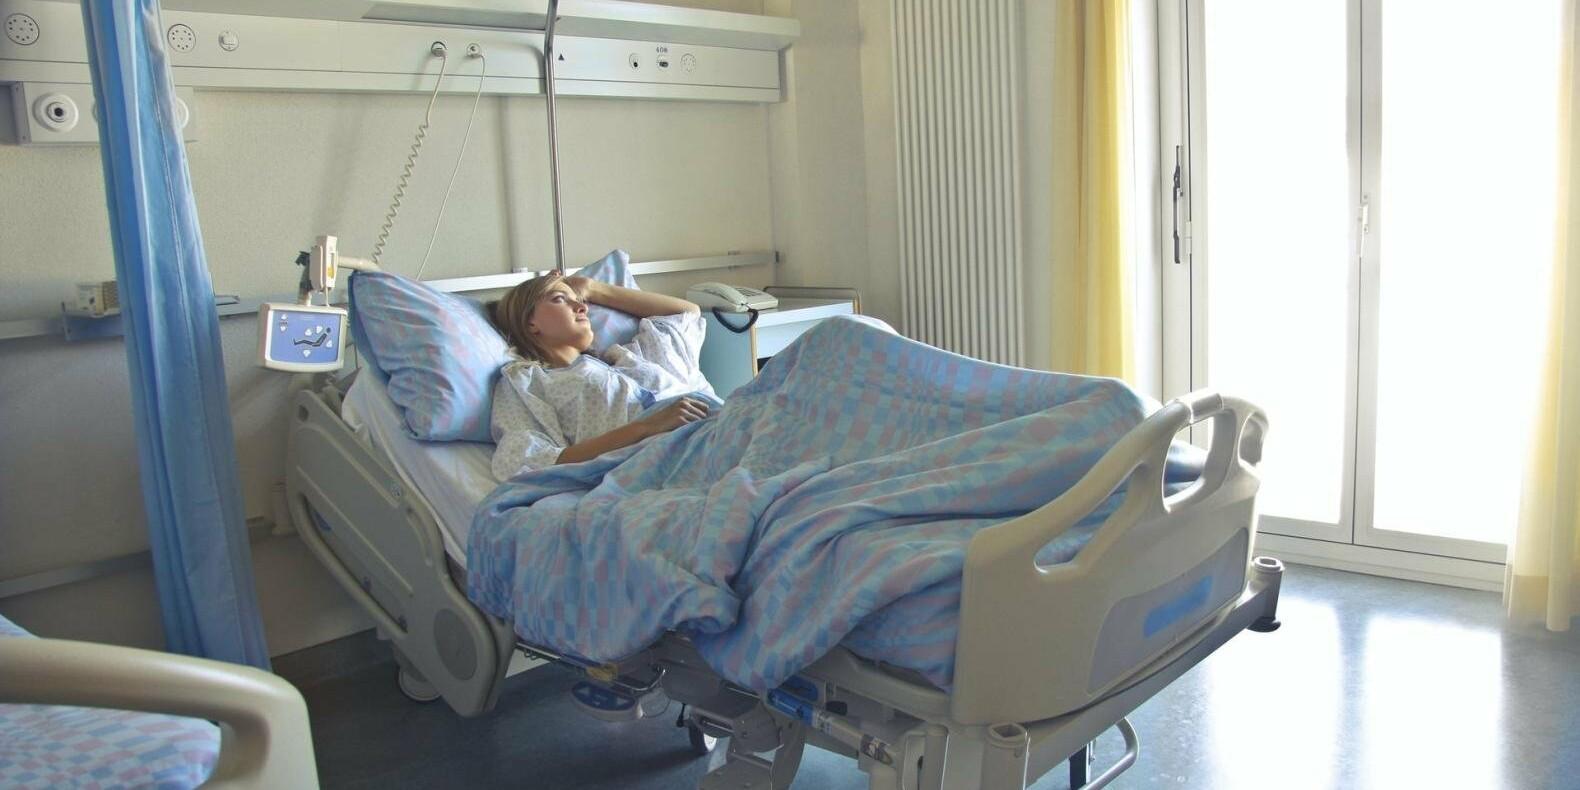 Занятость инфекционных коек в Алматы снизилась в 4 раза за месяц - министр Алексей Цой